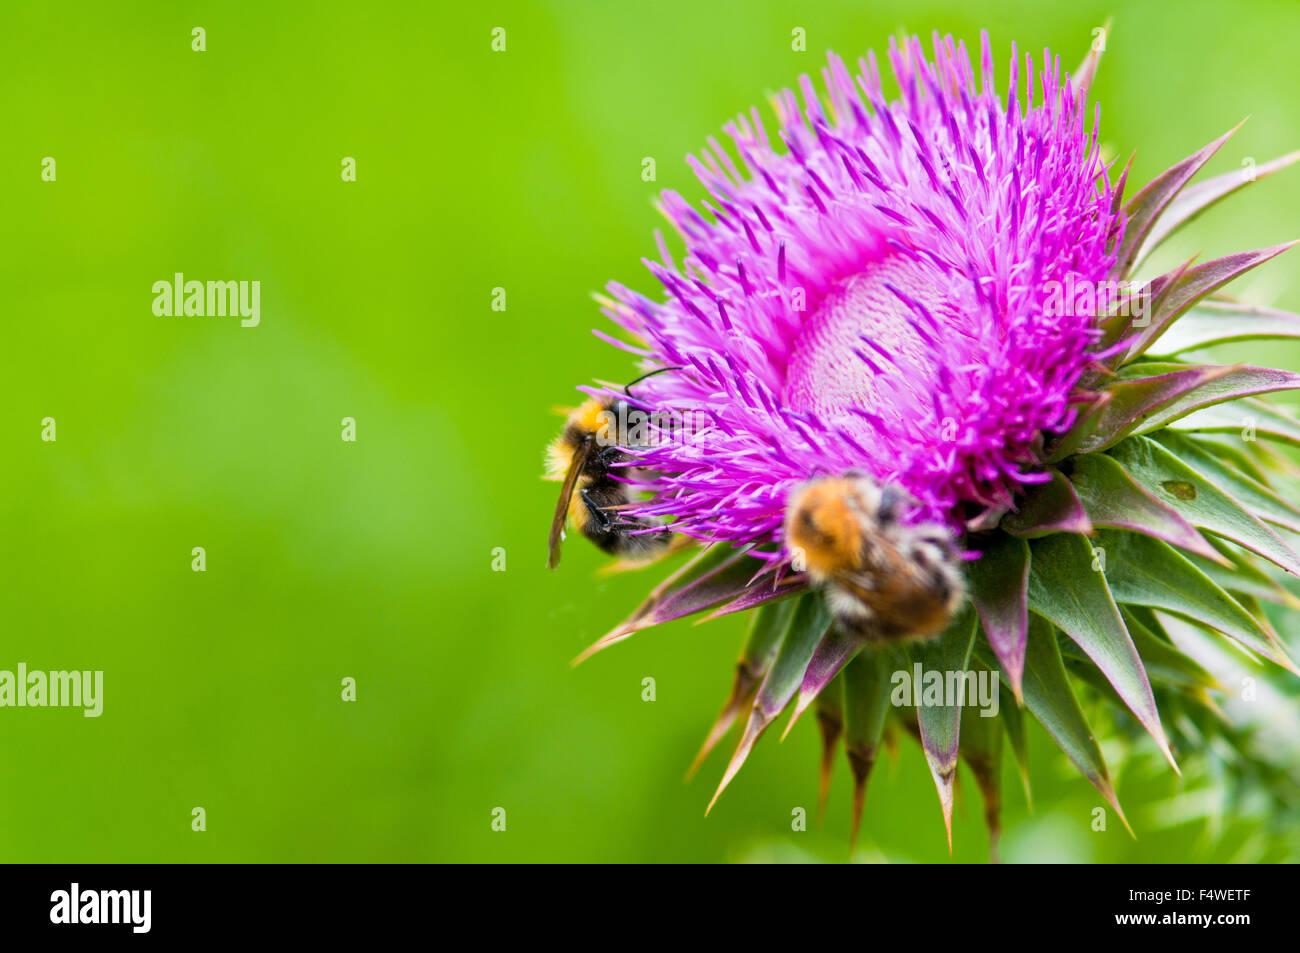 Fond beau beauté animale biologie de l'abeille blossom close-up libre collecte couleur coloré flore Photo Stock